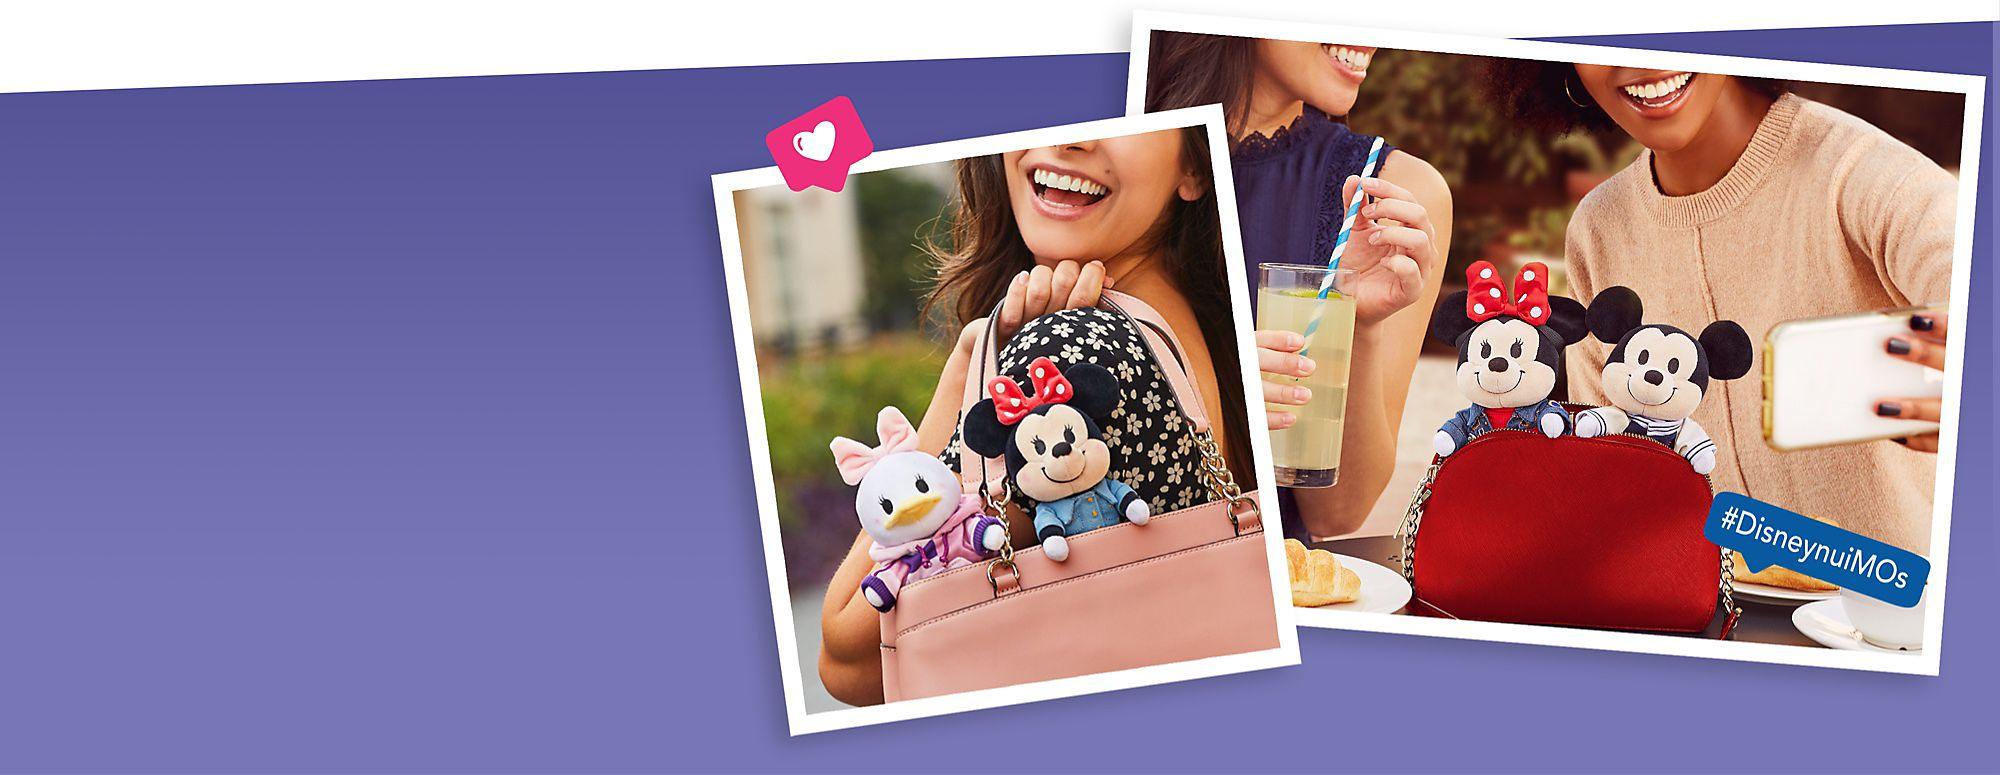 La vie est belle avec les Disney nuiMOs Amusez-vous et vivez pleinement l'expérience Disney nuiMOs #DisneynuiMOs